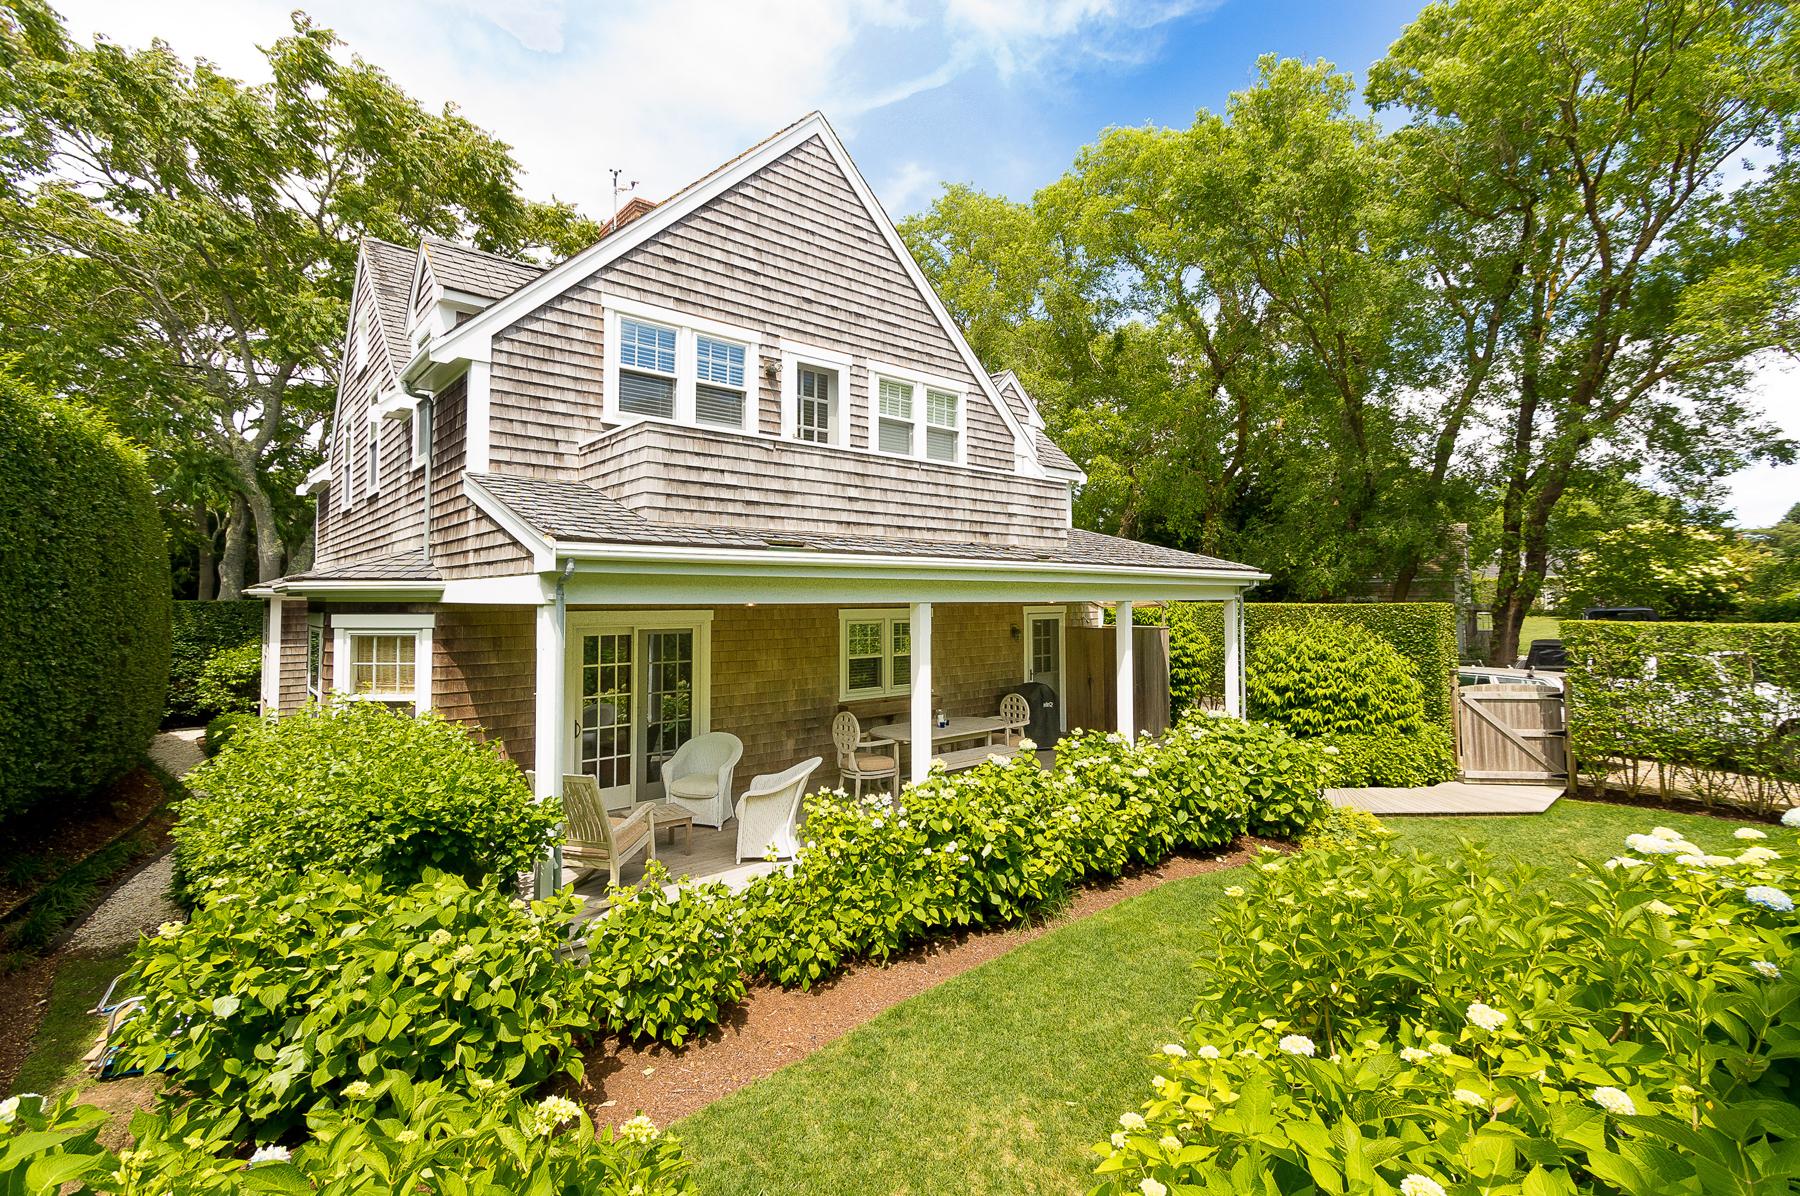 Maison unifamiliale pour l Vente à In the Heart of Sconset Village 20 Coffin Street Siasconset, Massachusetts, 02564 États-Unis